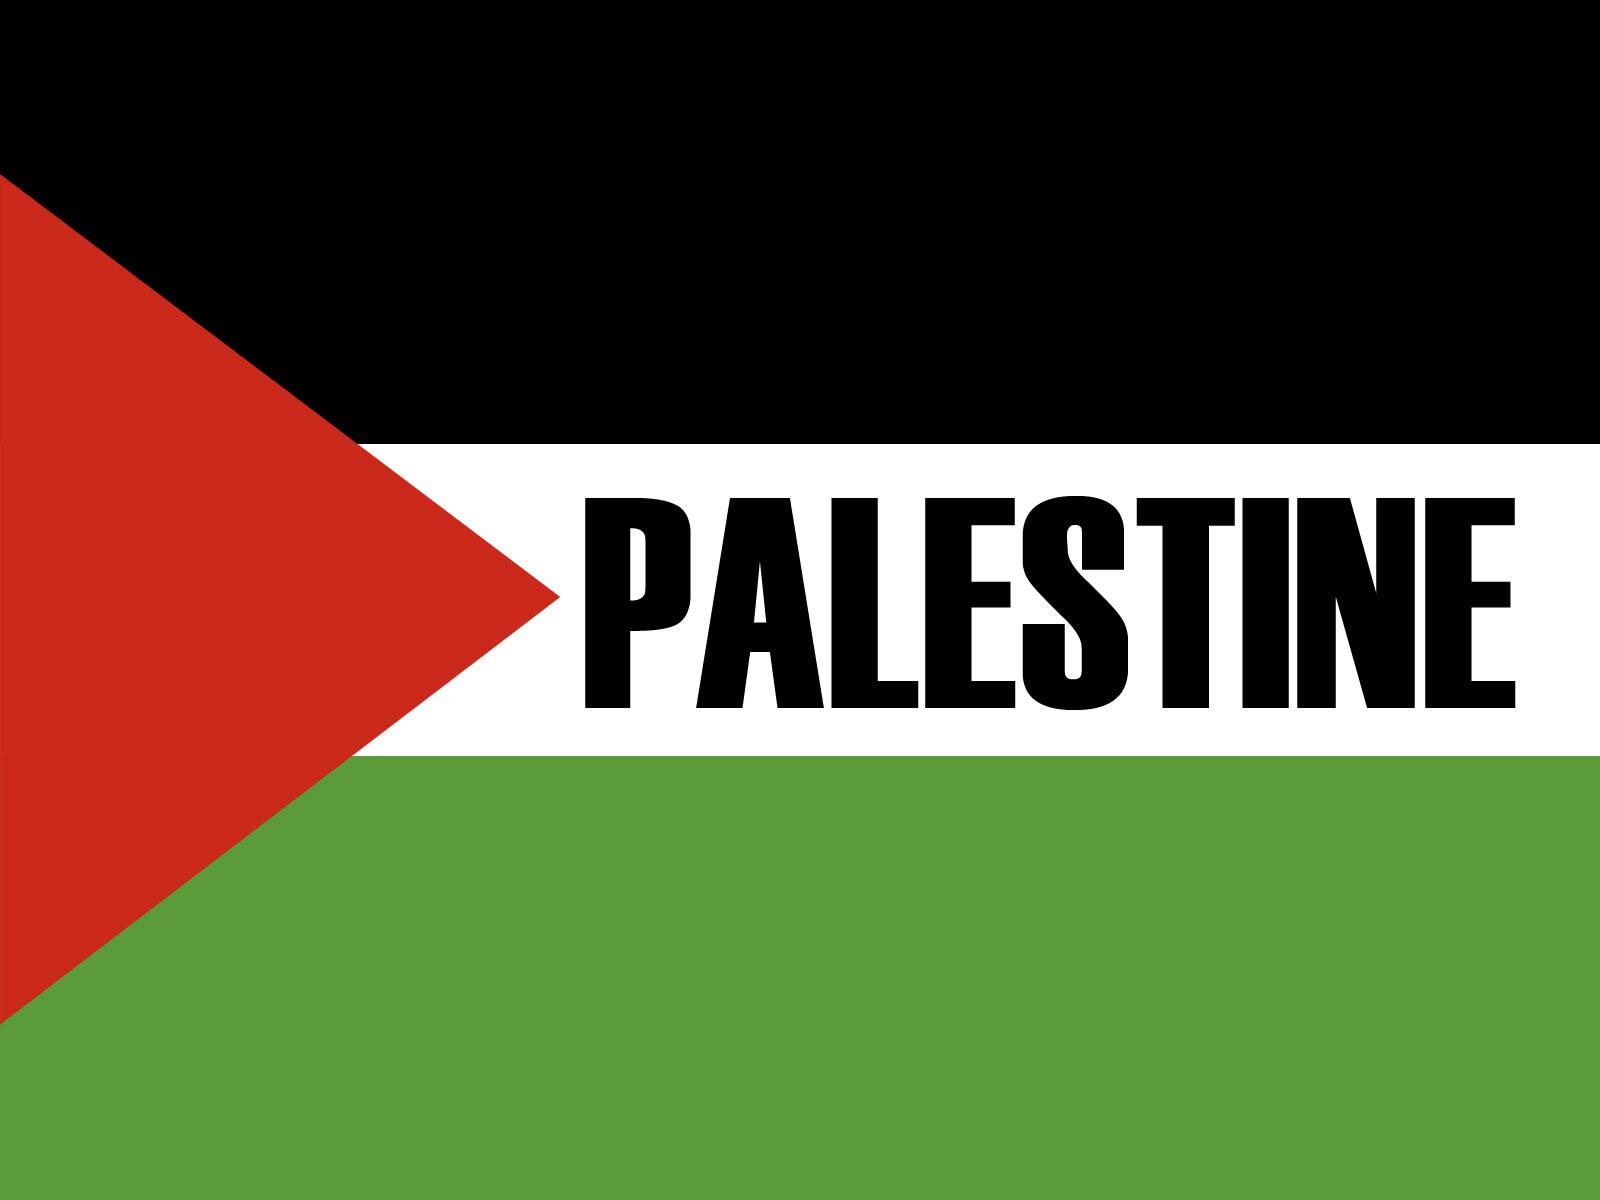 http://2.bp.blogspot.com/-scEiX2uMPVU/Tem-eqqAzaI/AAAAAAAAAbw/KjC8gGWinpQ/s1600/bendera%2Bpalestine_flag_wallpaper_by_zealousofpeace1.jpg